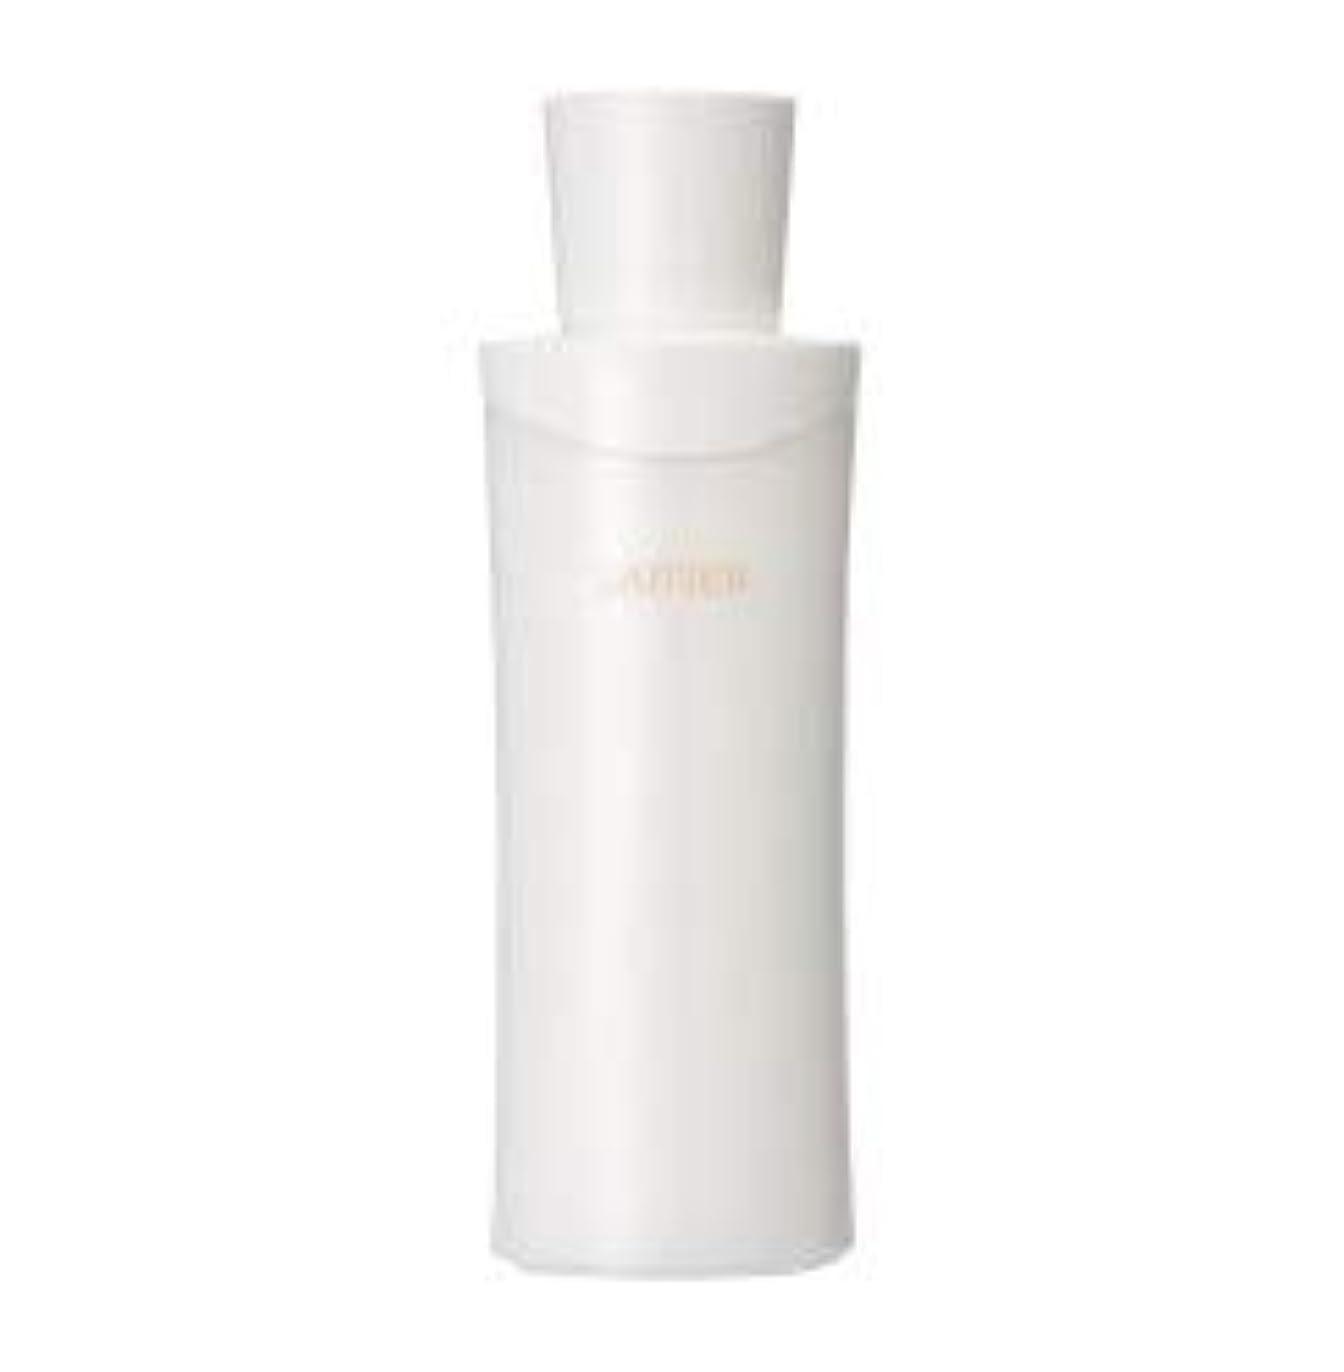 広告する小麦粉会計士キメを整えるさっぱりタイプの乳液、しっとりとした肌に。LAITIER レチエ ミルクローション 100ml 化粧品 メイク 乳液 肌 綺麗 しっとり